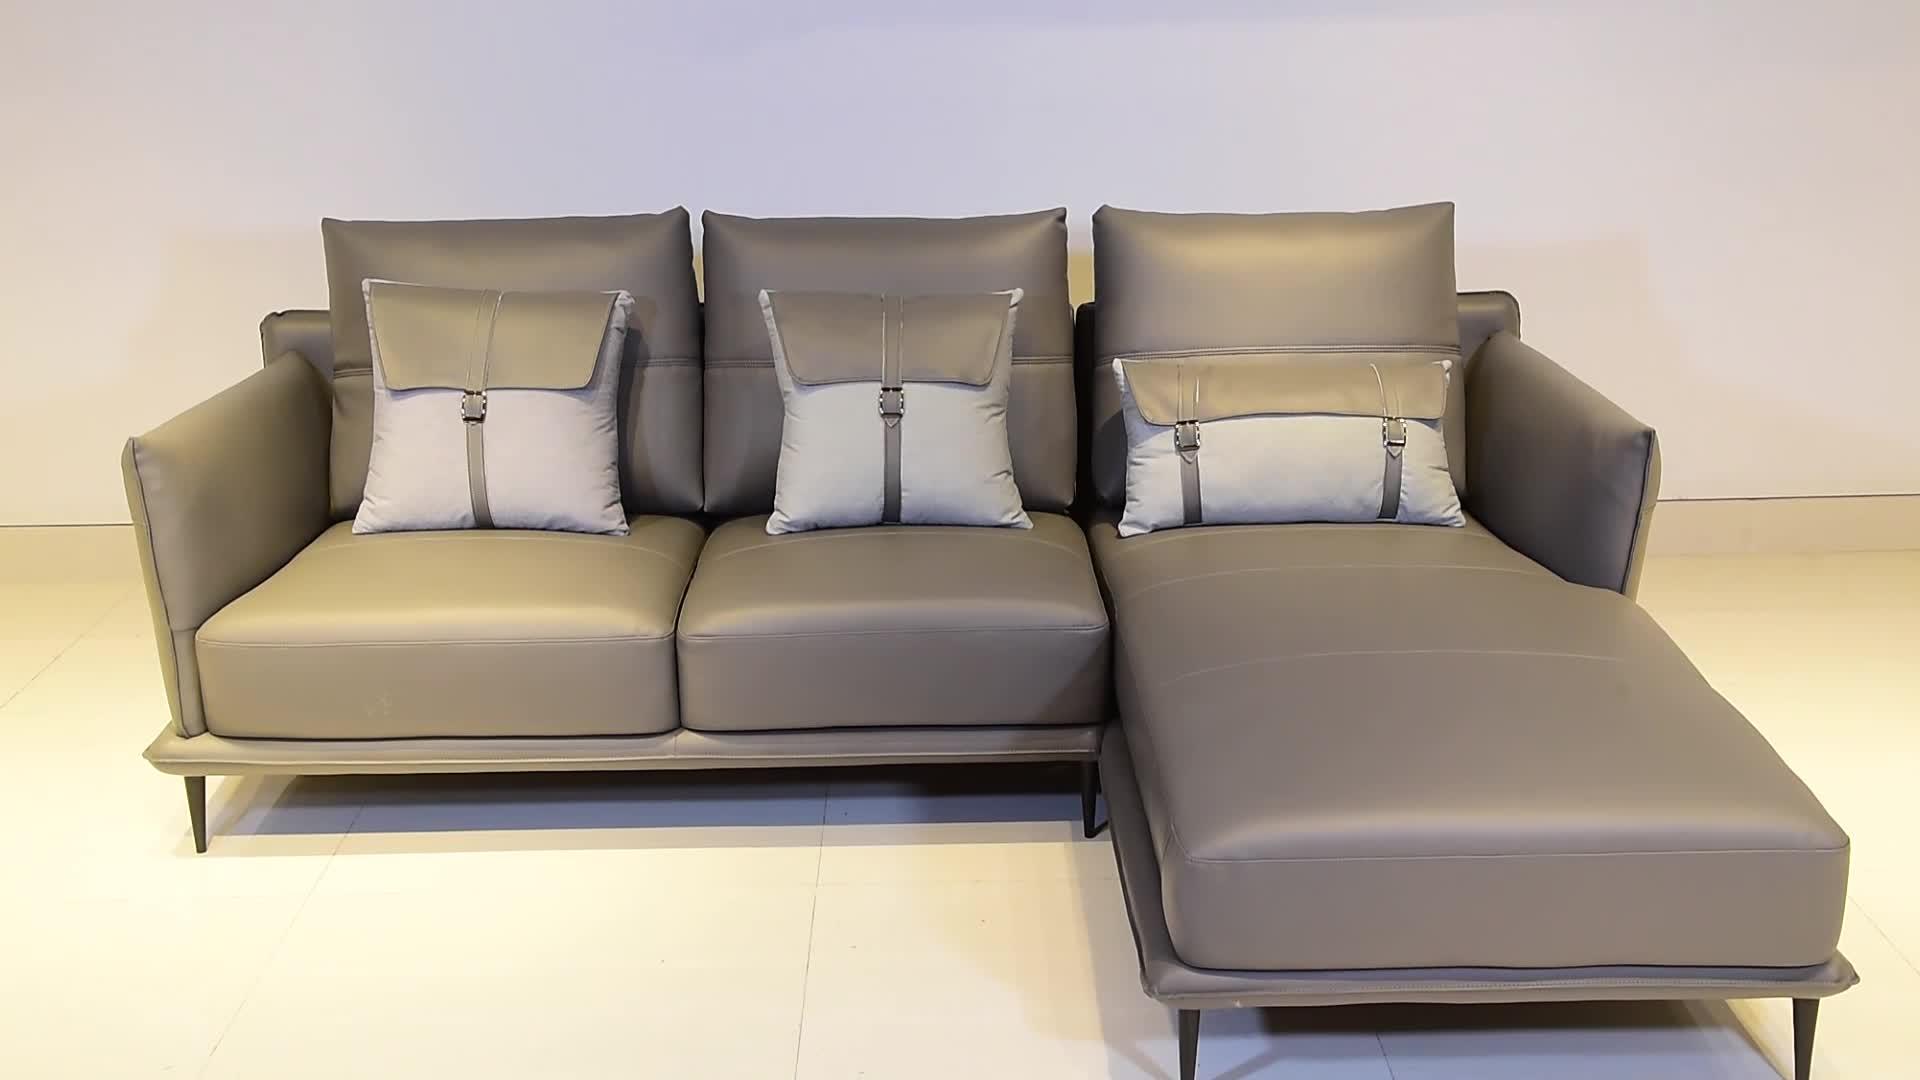 Sofá de luxo para casa, sofá de sala, sofá moderno, sofá de couro para sala de estar